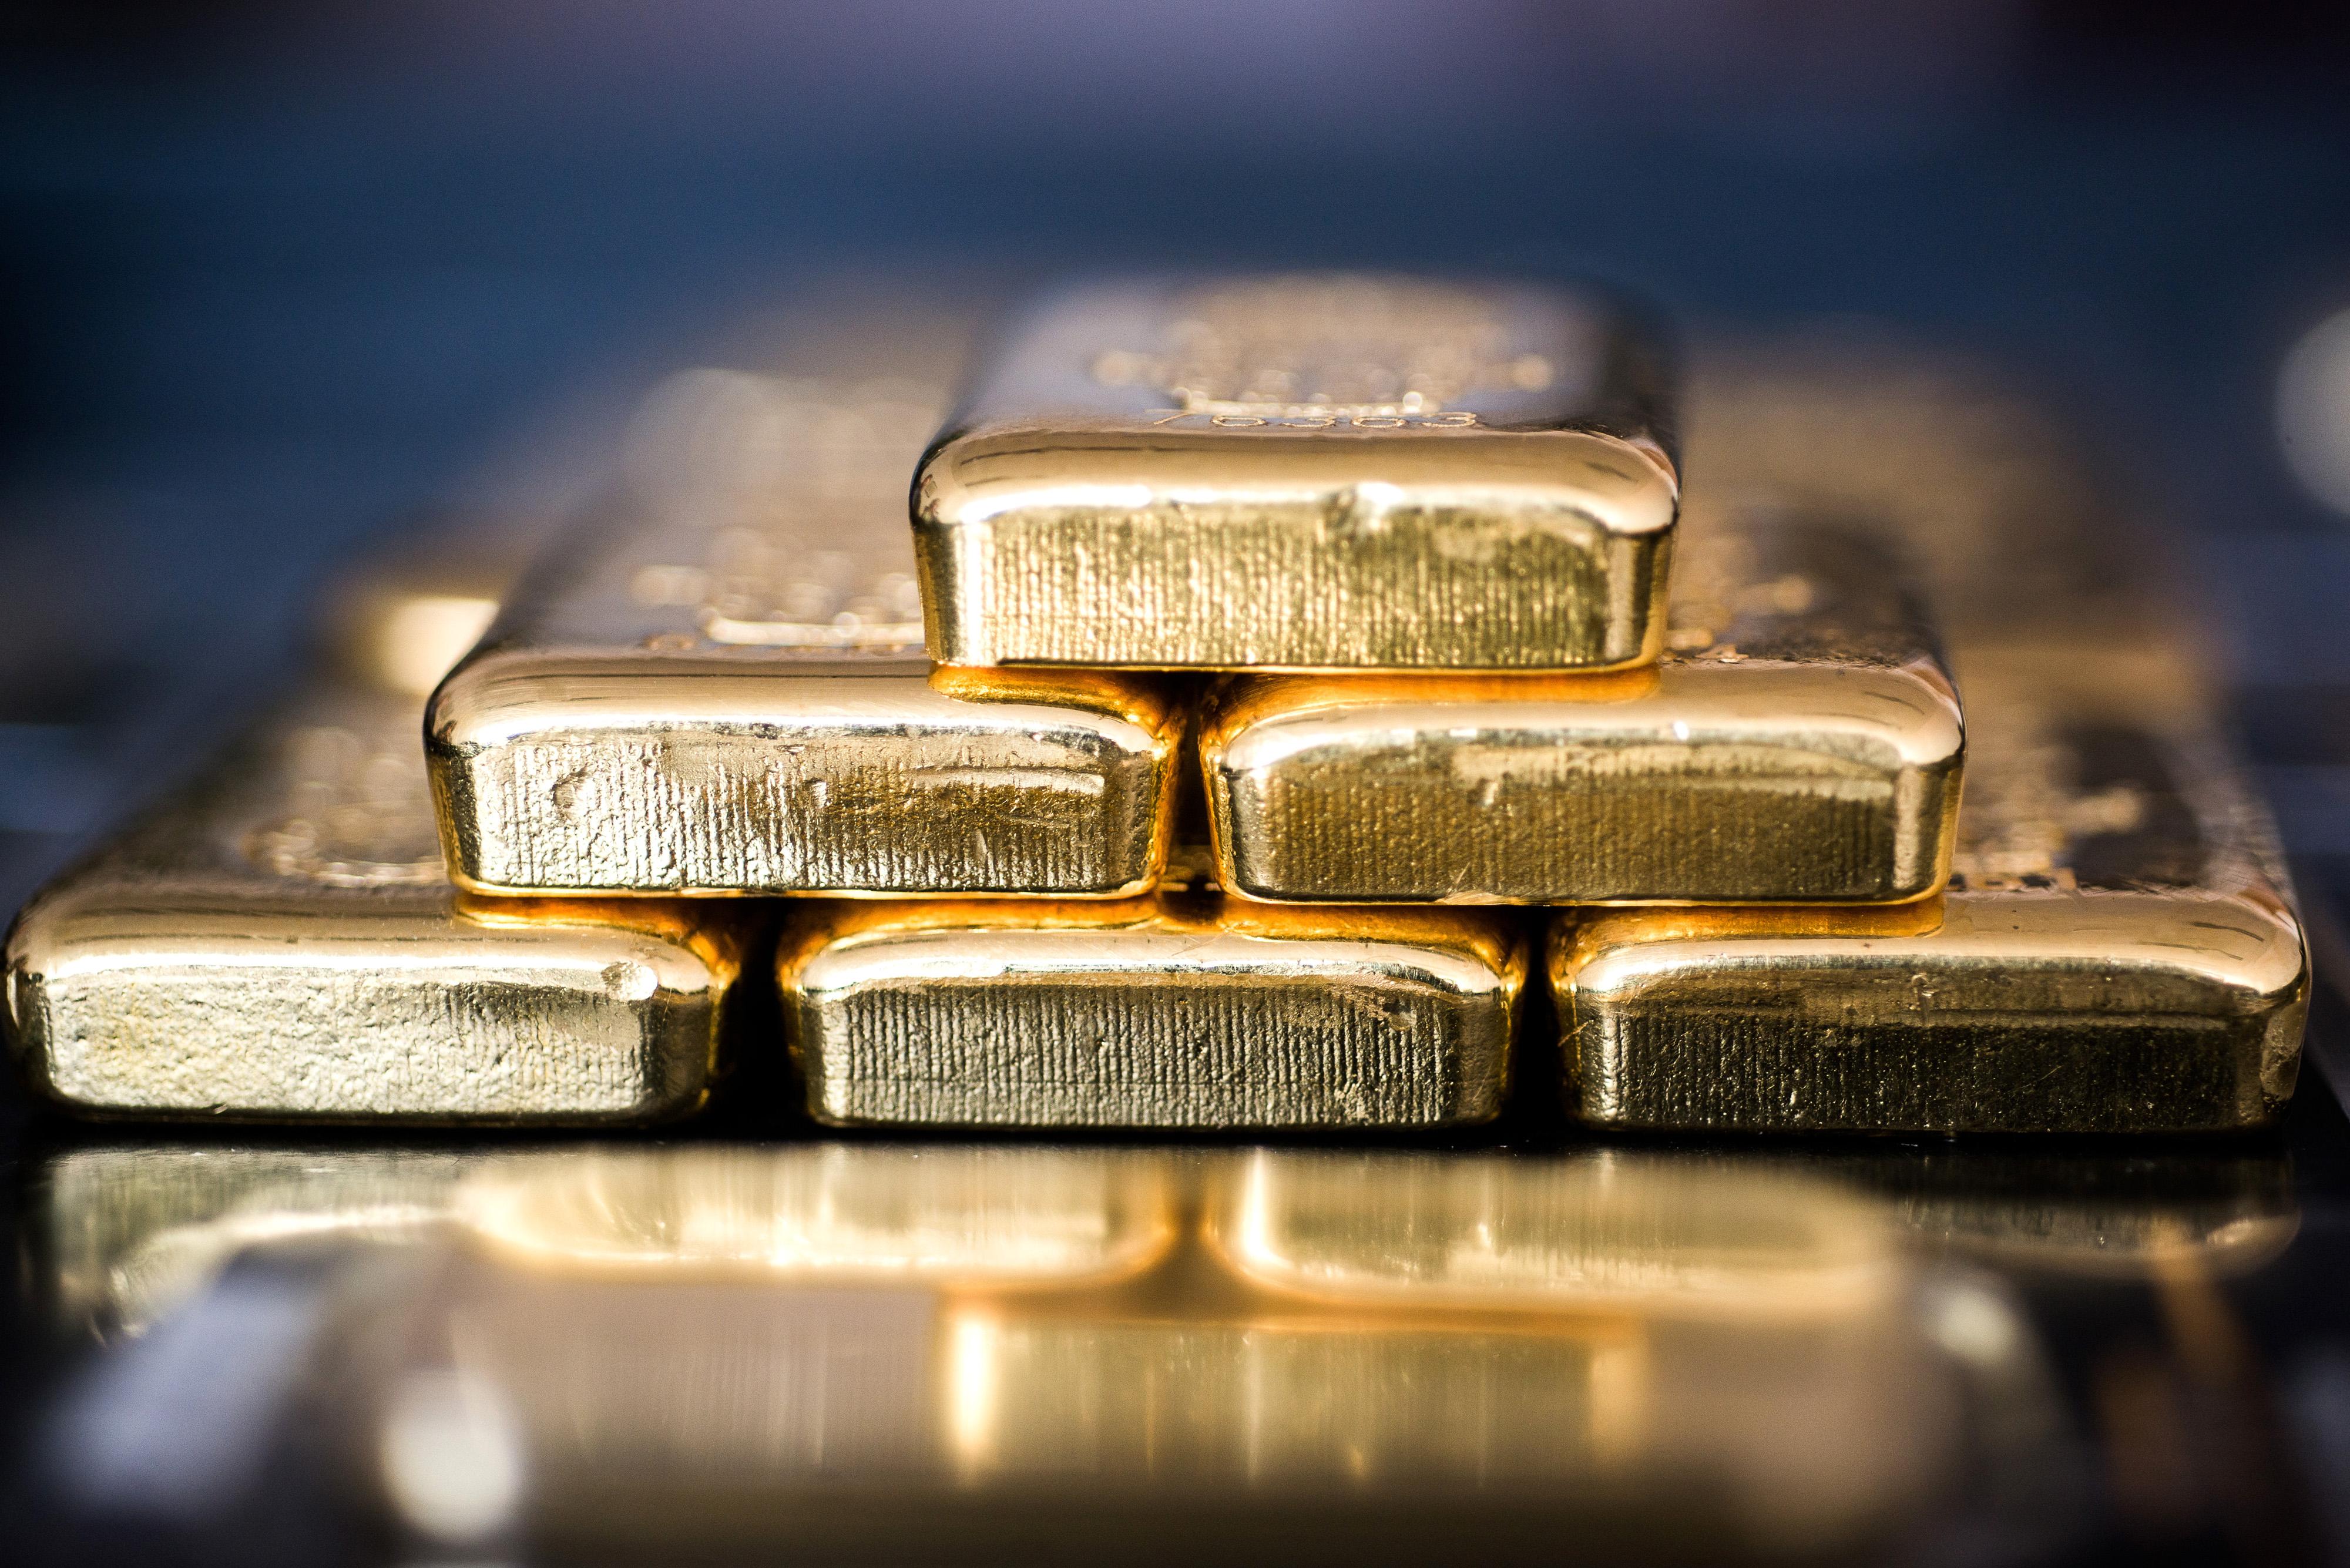 布拉德講話「驚嚇」市場,美元站上92,美債升回1.5%,黃金1760危矣!